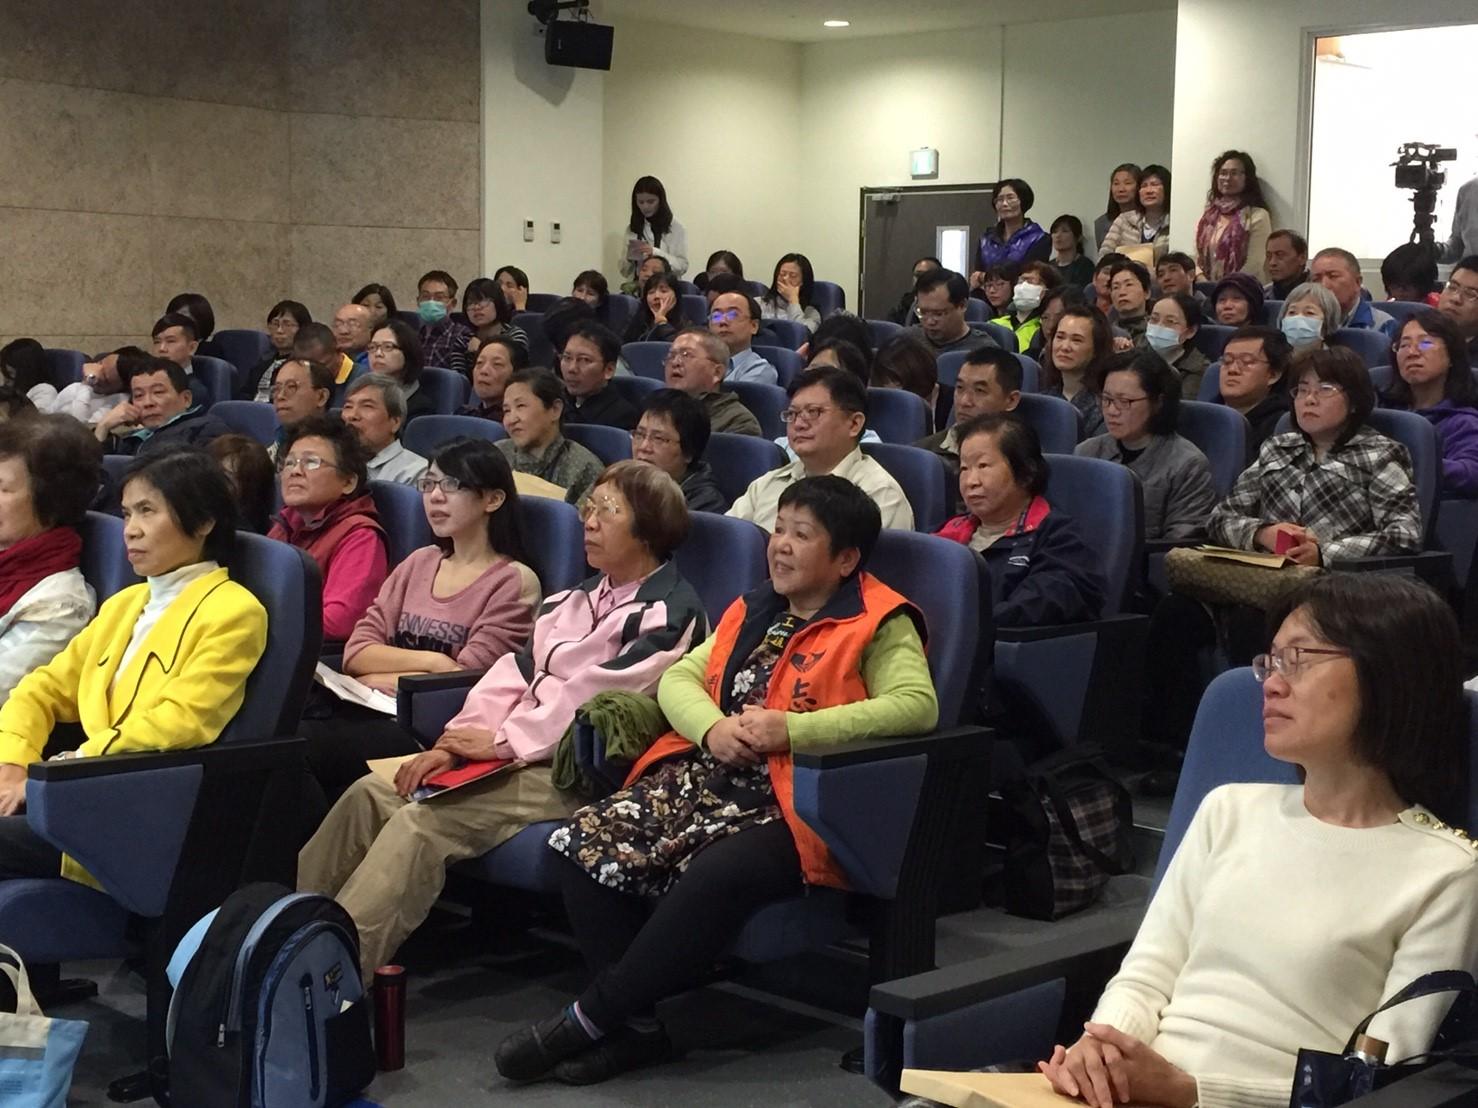 106年度生命教育講座第2場照片2 - 觀眾滿座